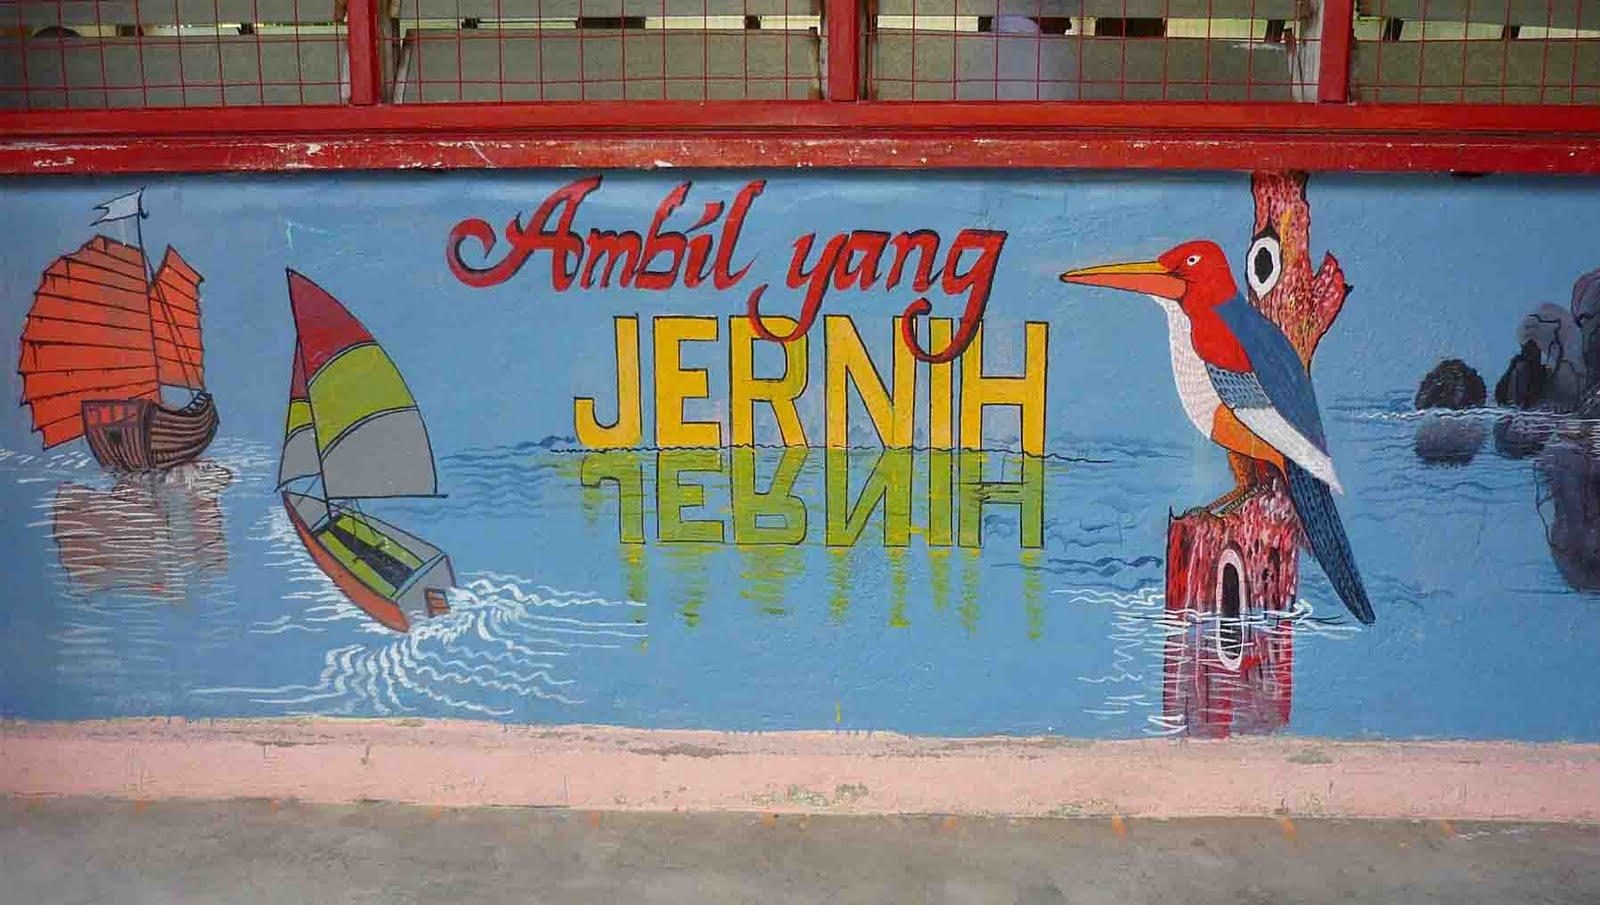 Seni mural dan visual for Mural sekolah rendah